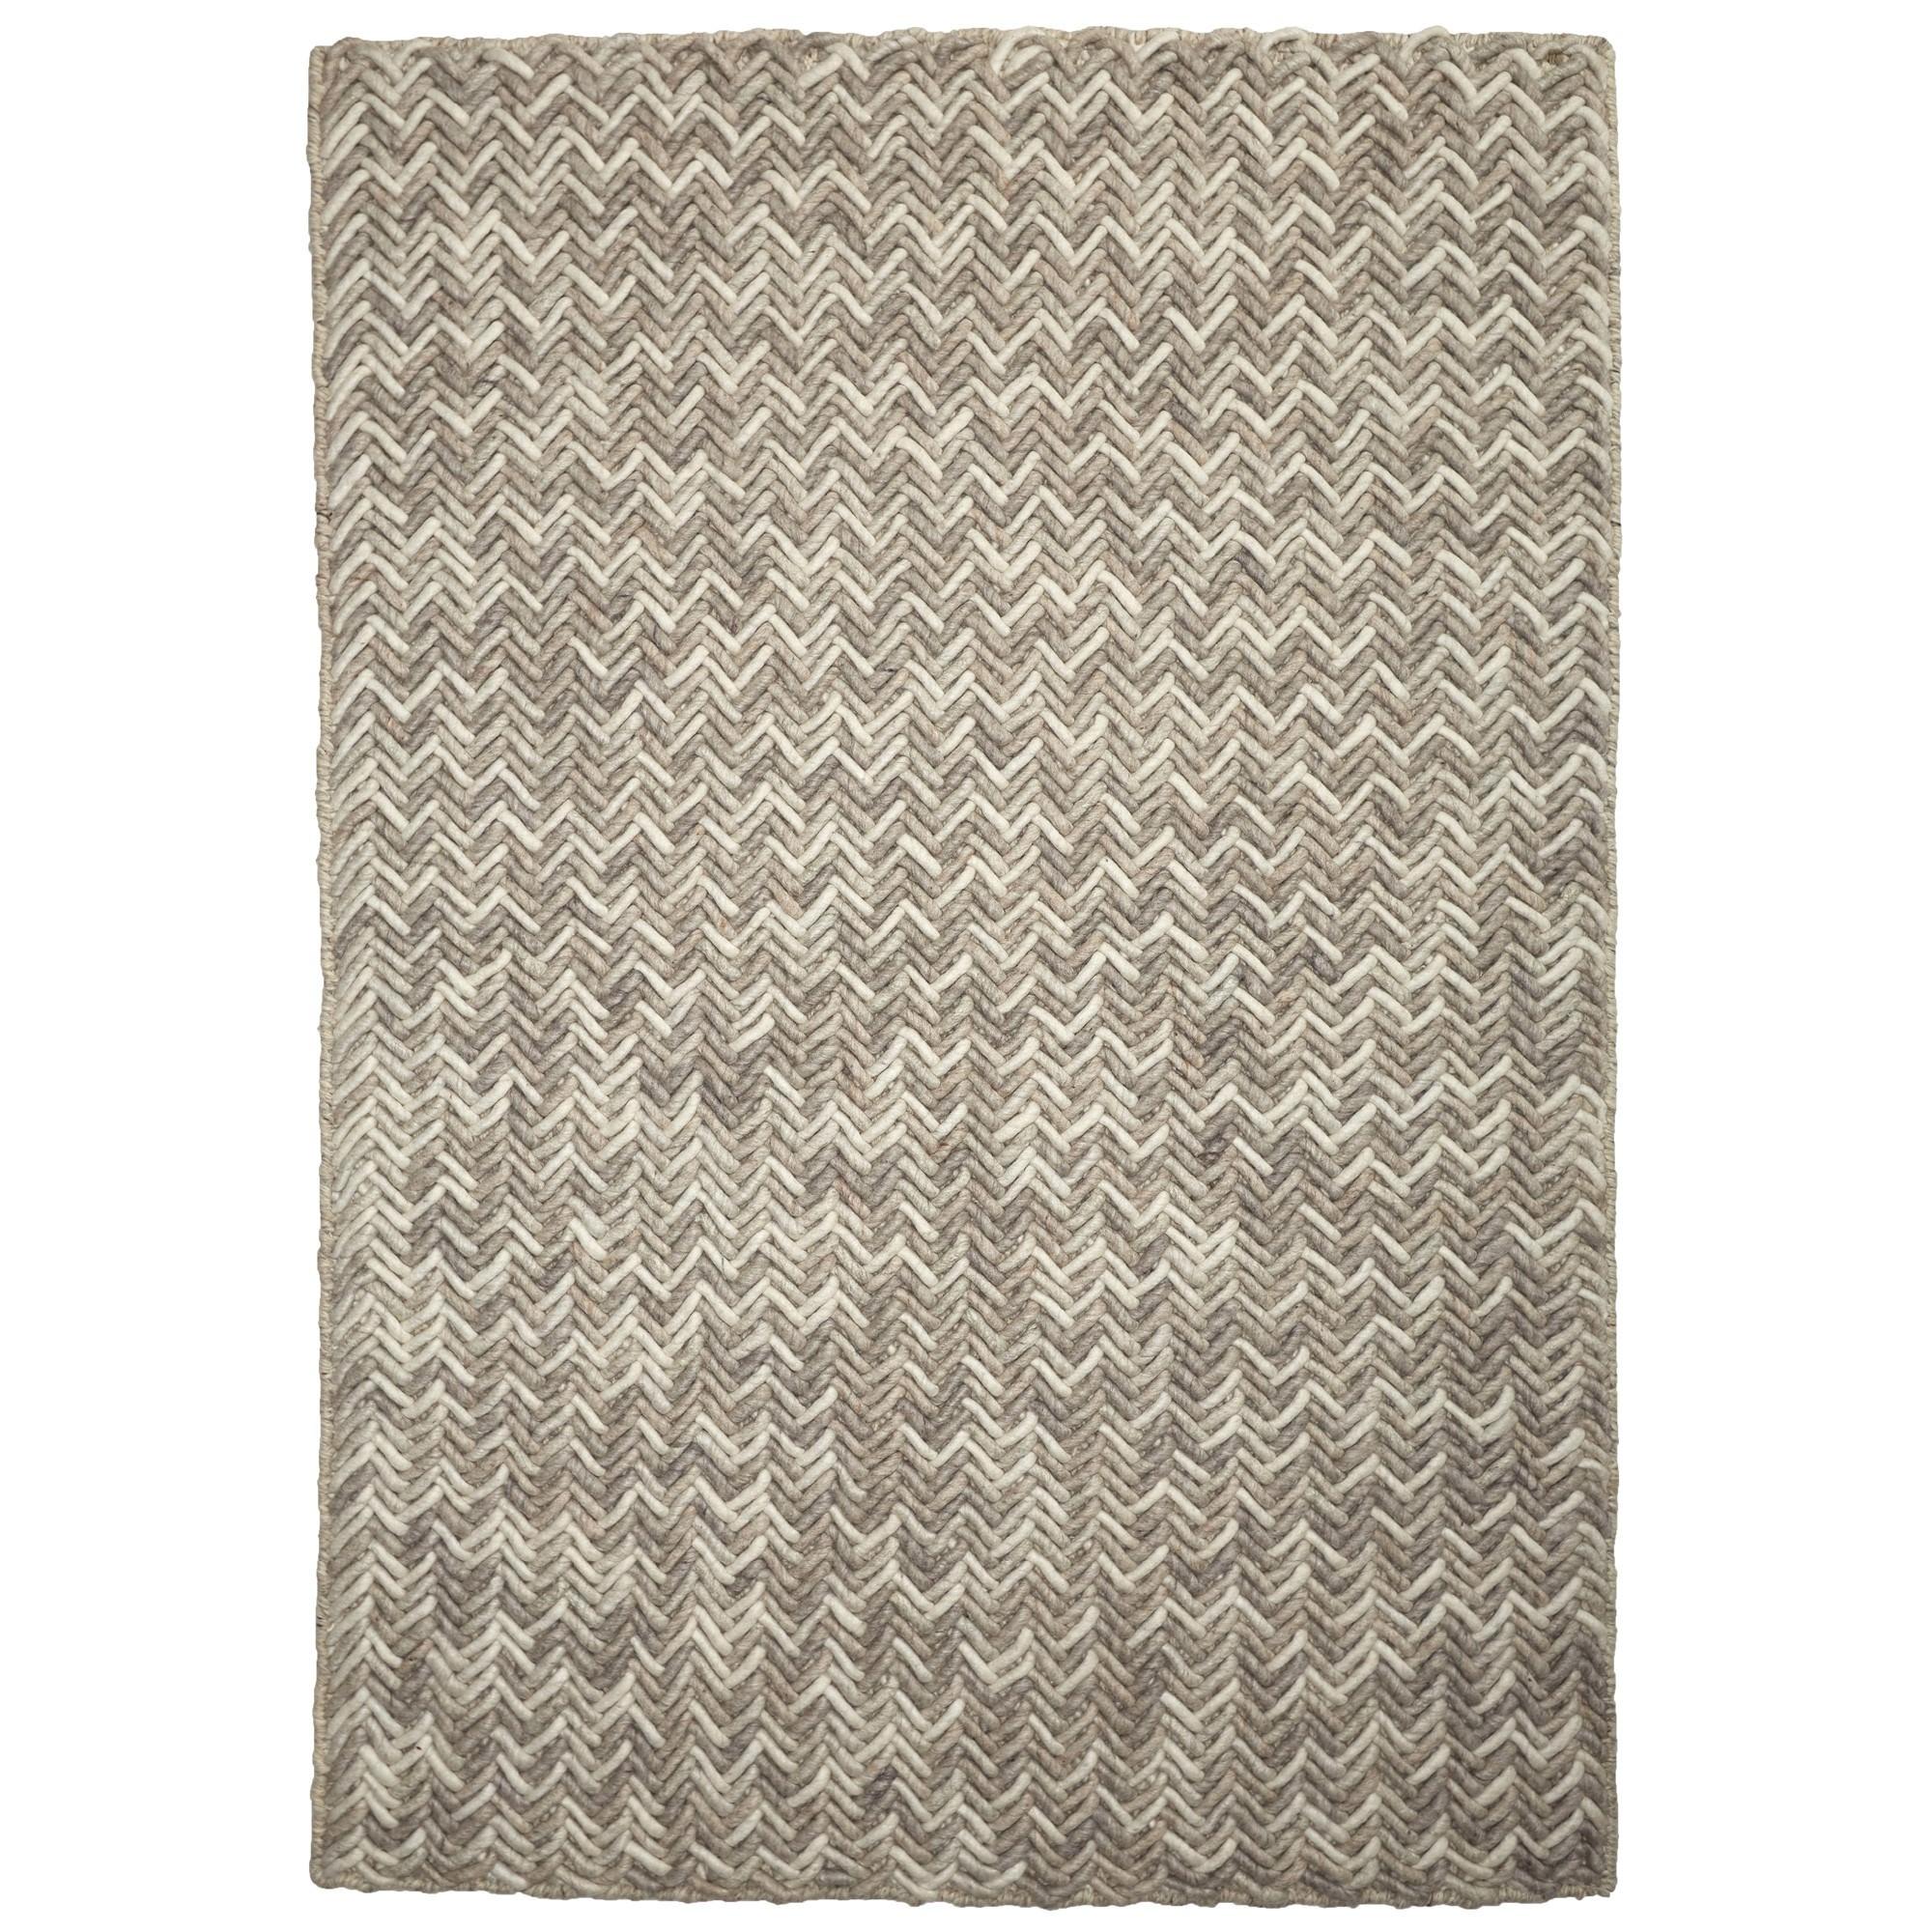 Crisscross Handwoven Wool Rug, 225x155cm